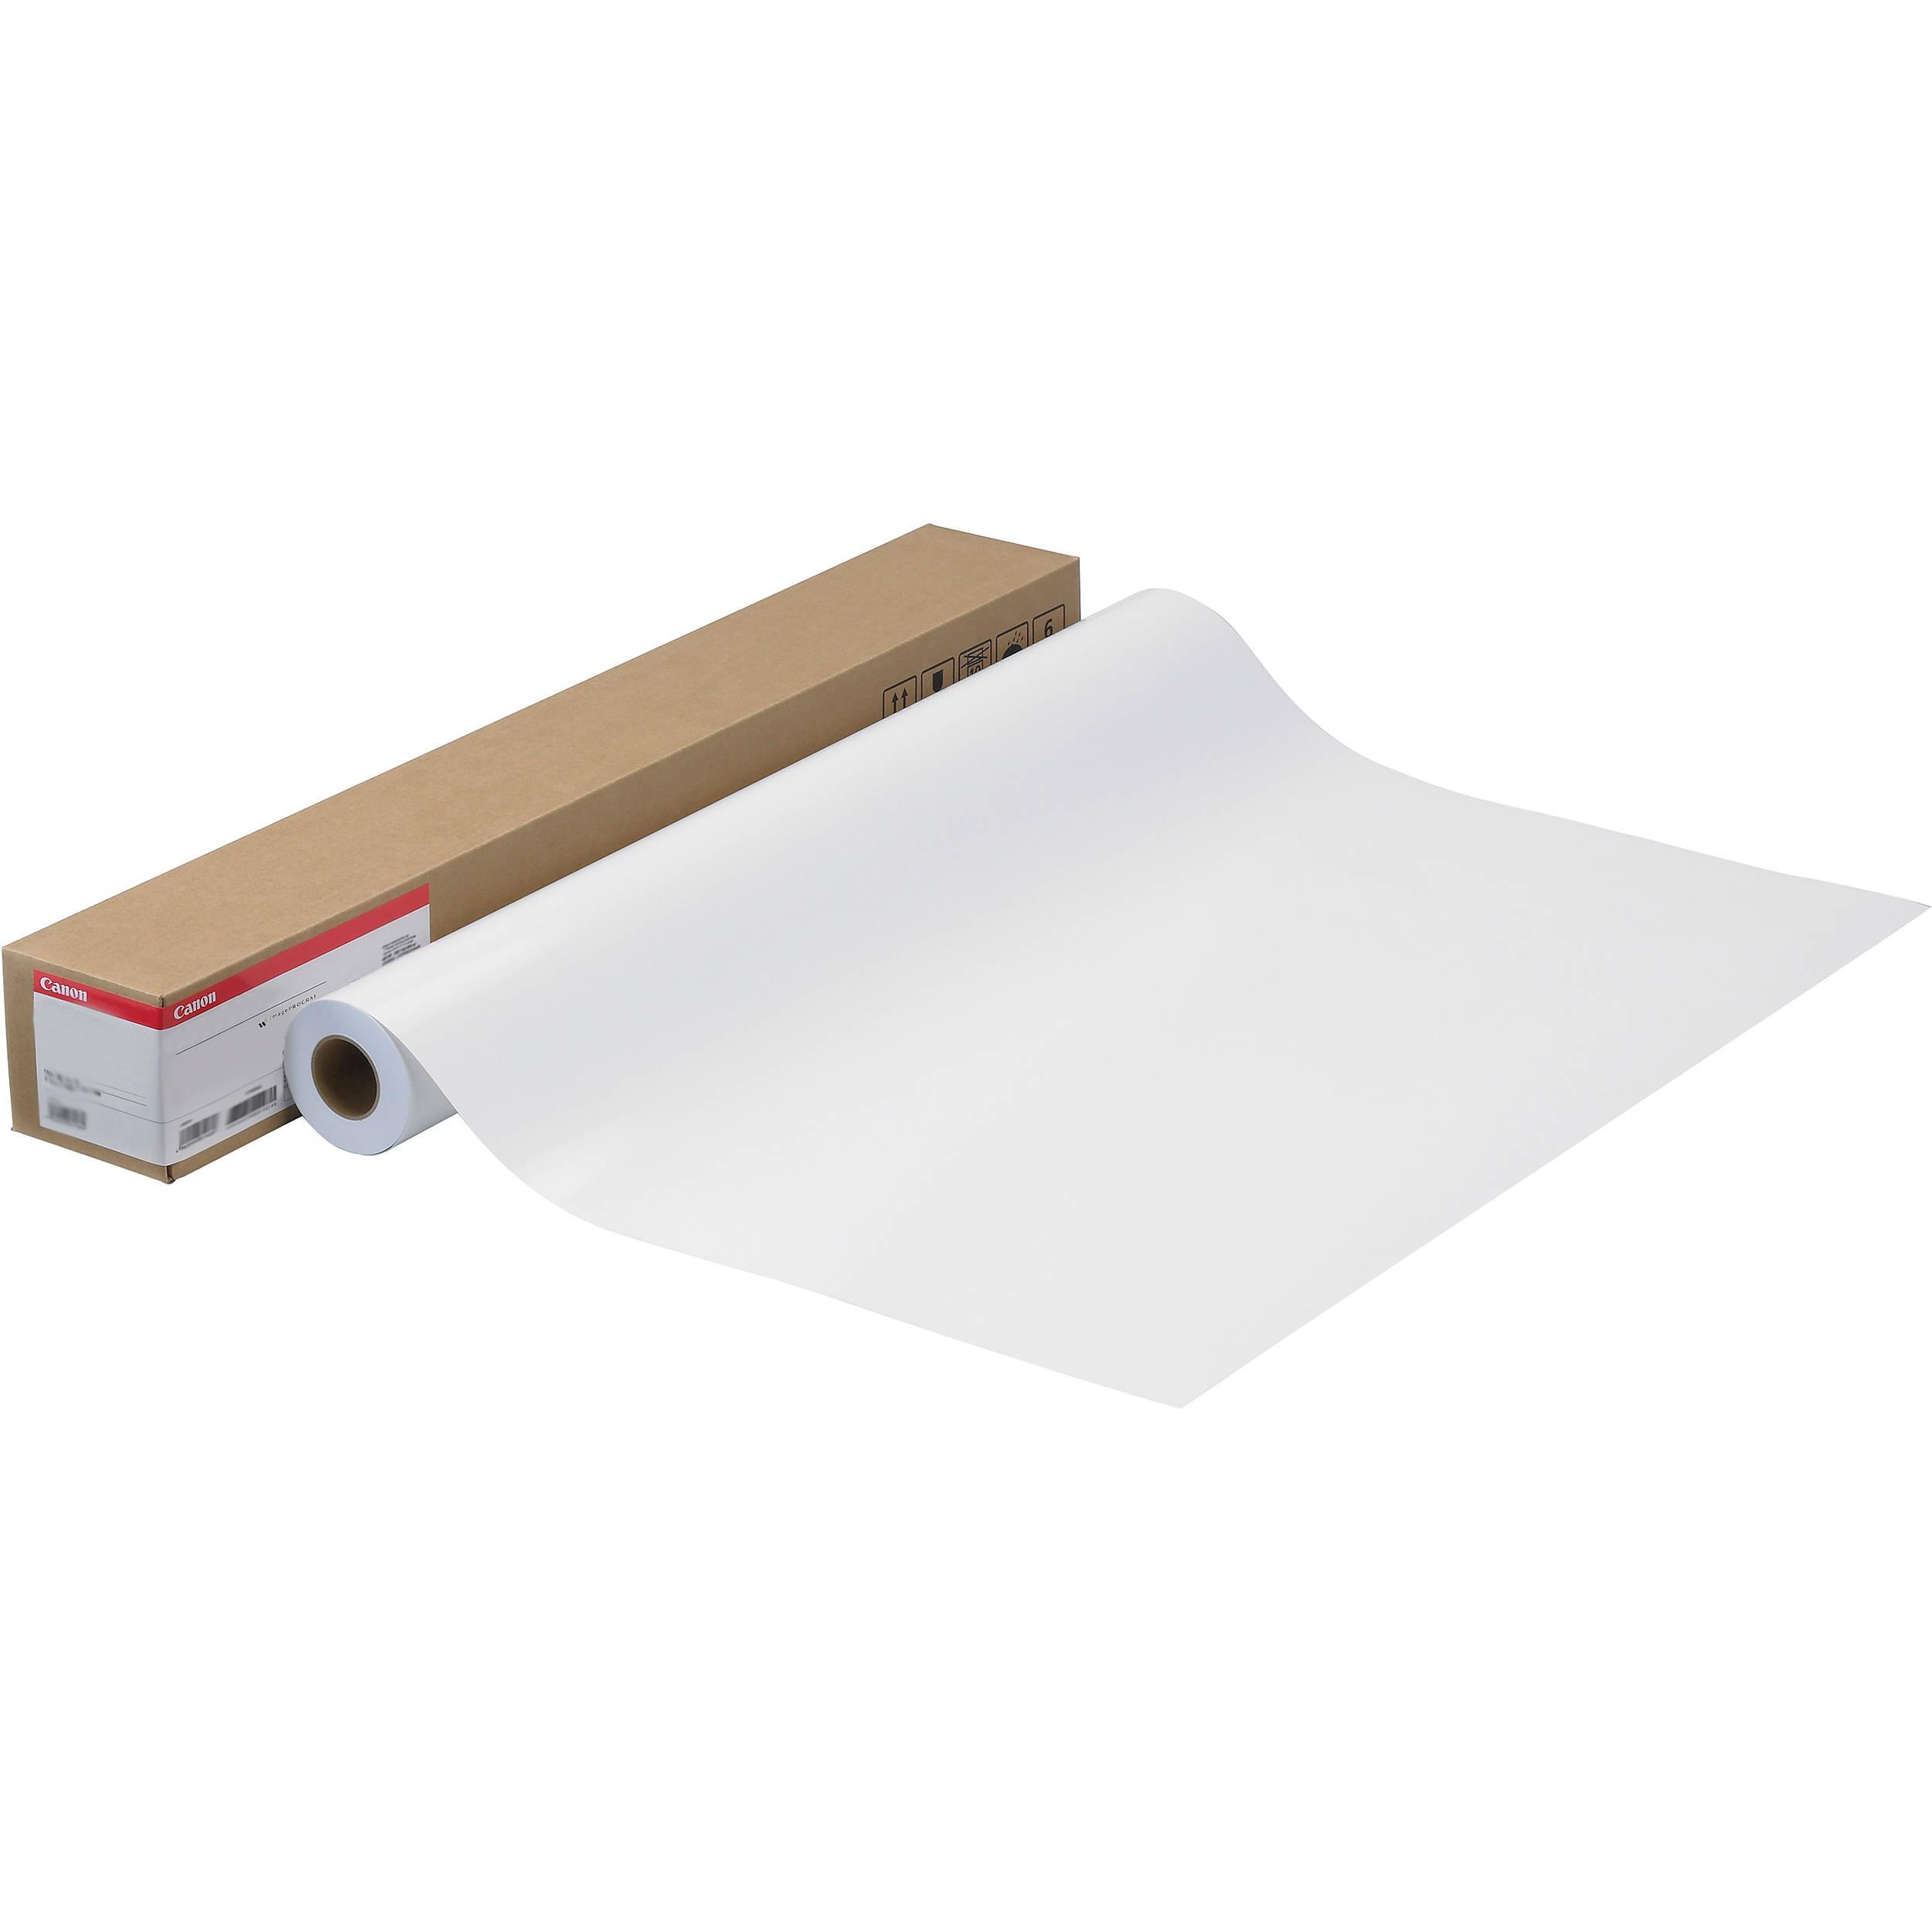 Plastic canvas corner protectors 38mm deep  X20